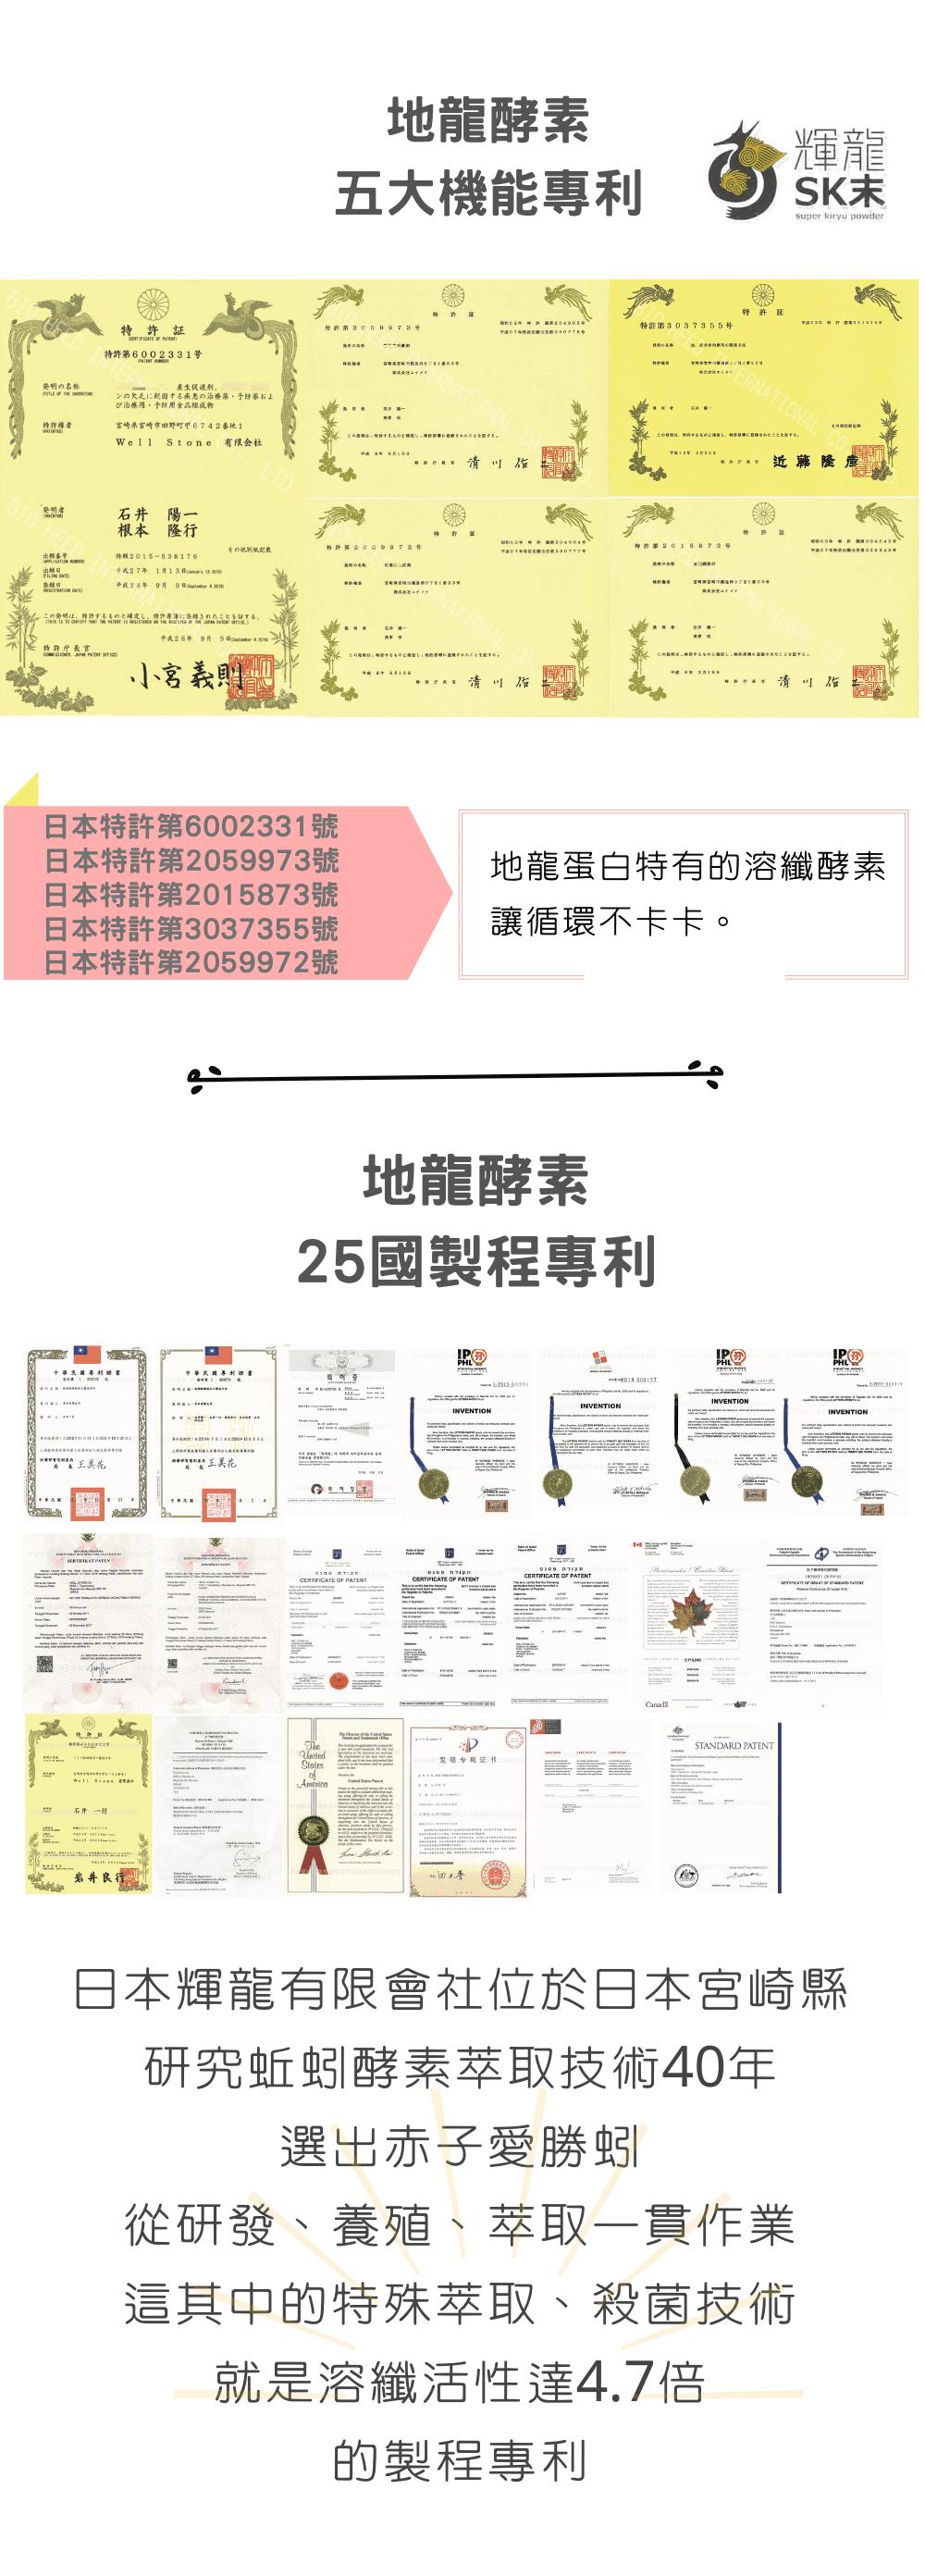 地龍酵素取得五項機能專利及25國製程專利